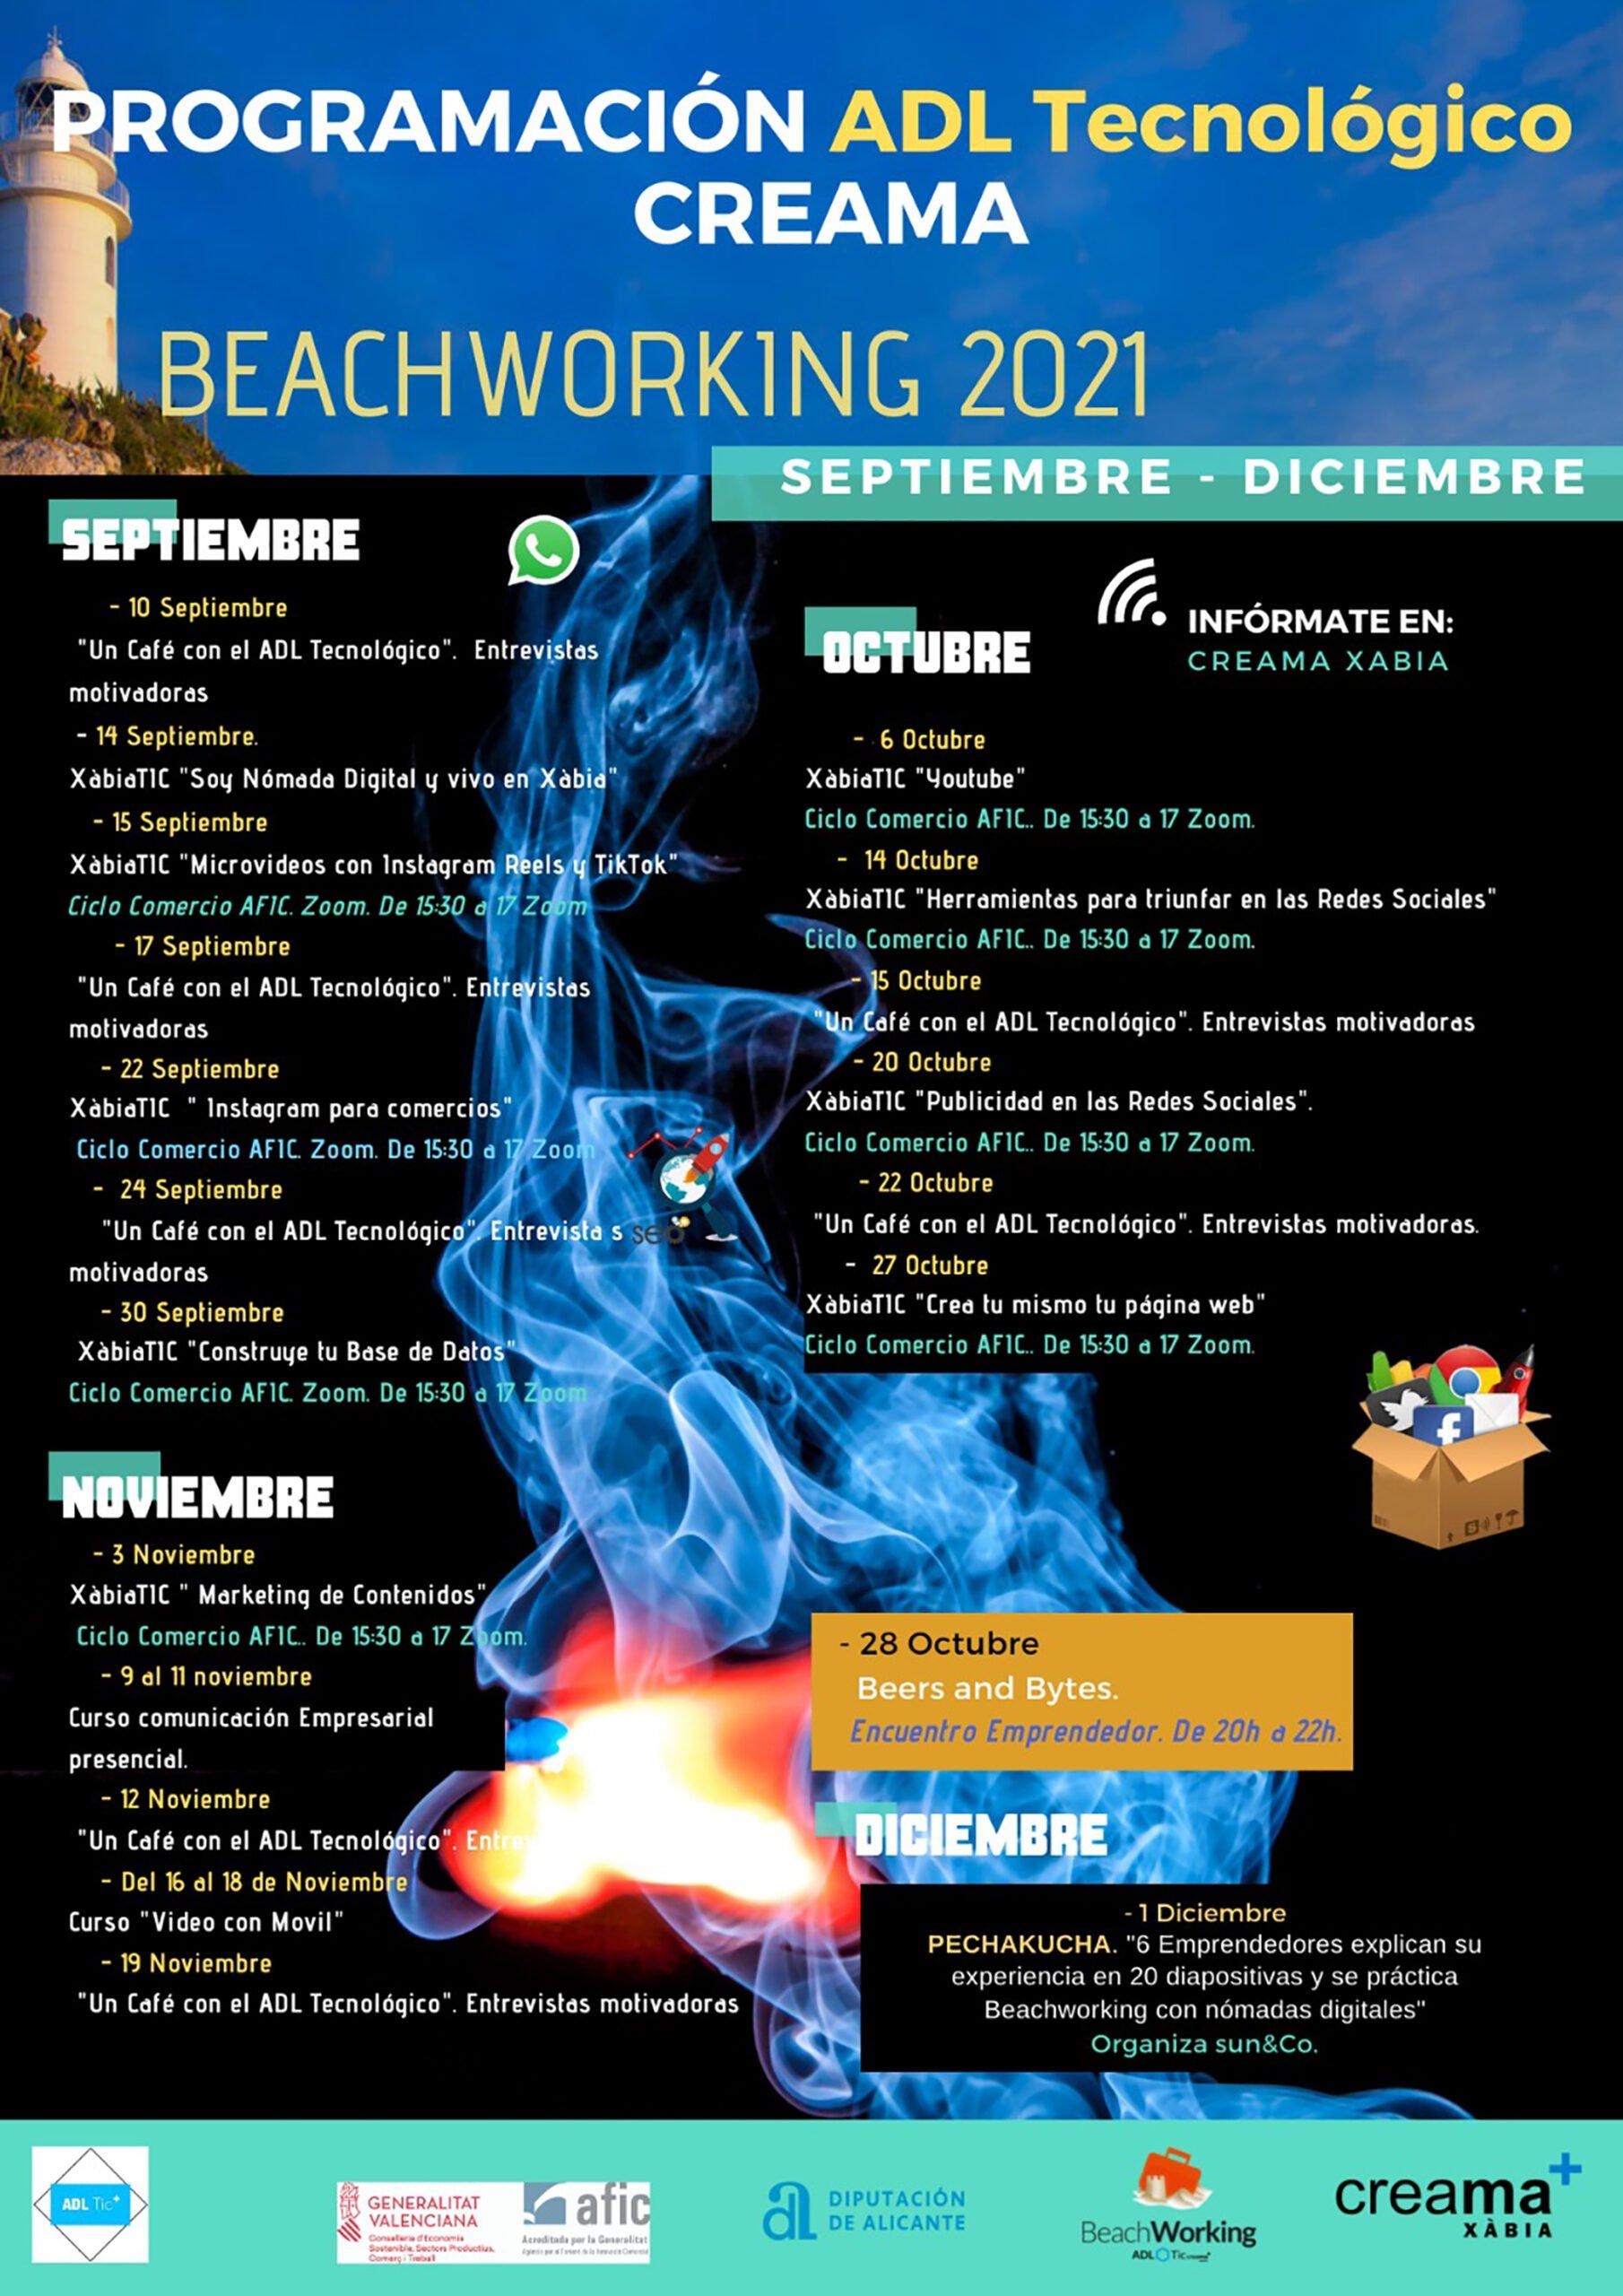 Programación del Beachworking 2021